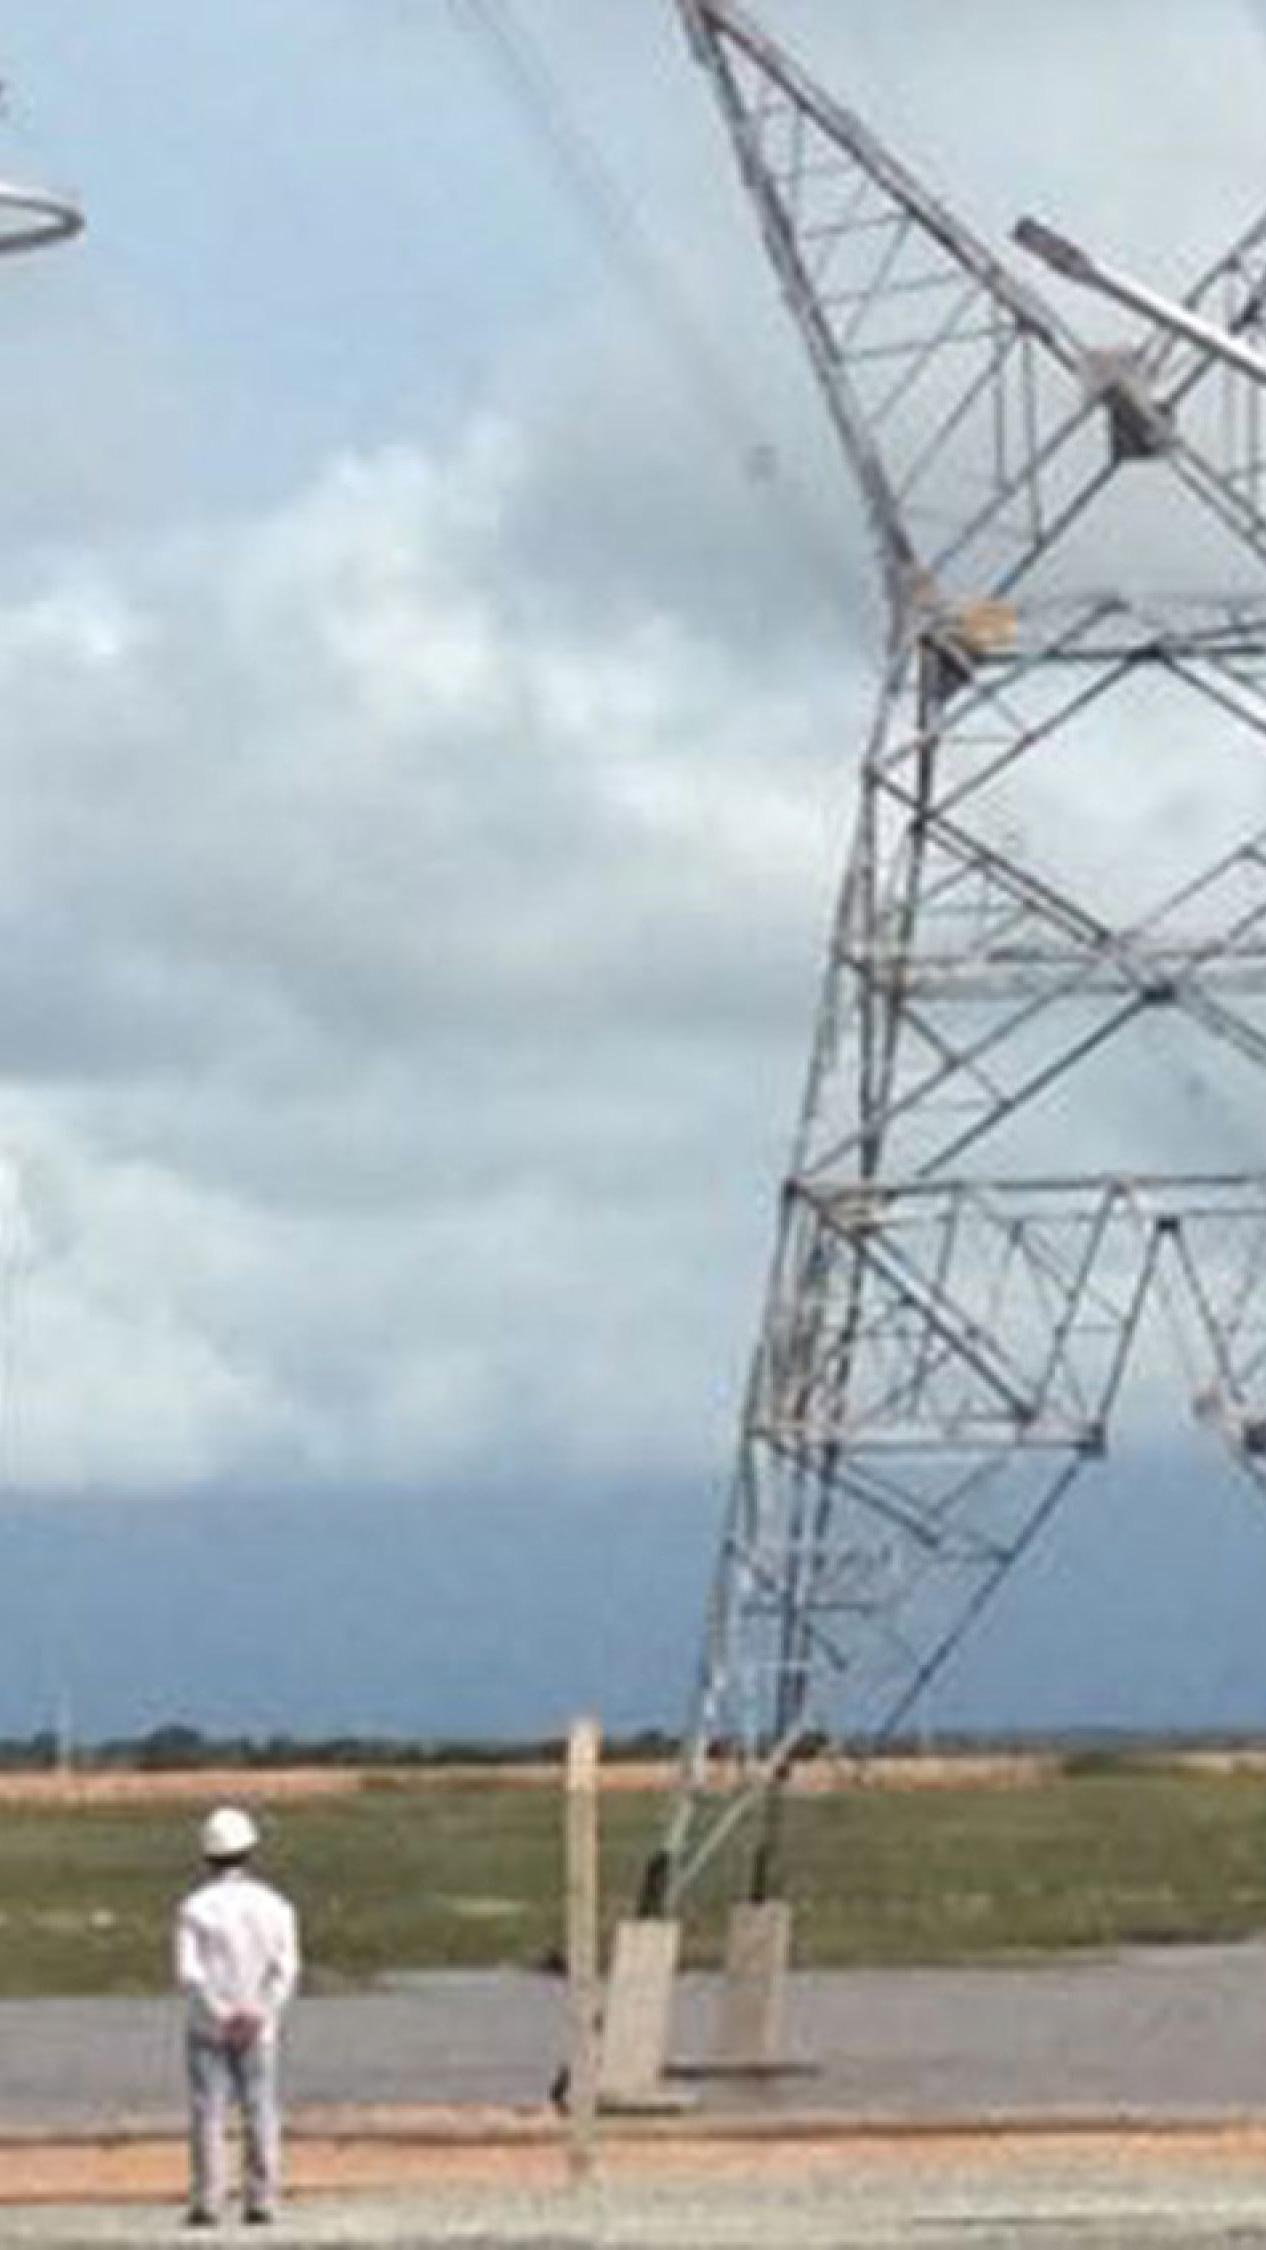 uploads/pics/https://www.steag.com.br/uploads/pics/200803_STE_Header_Energy_Services_Brasil2_9-16_01.jpg